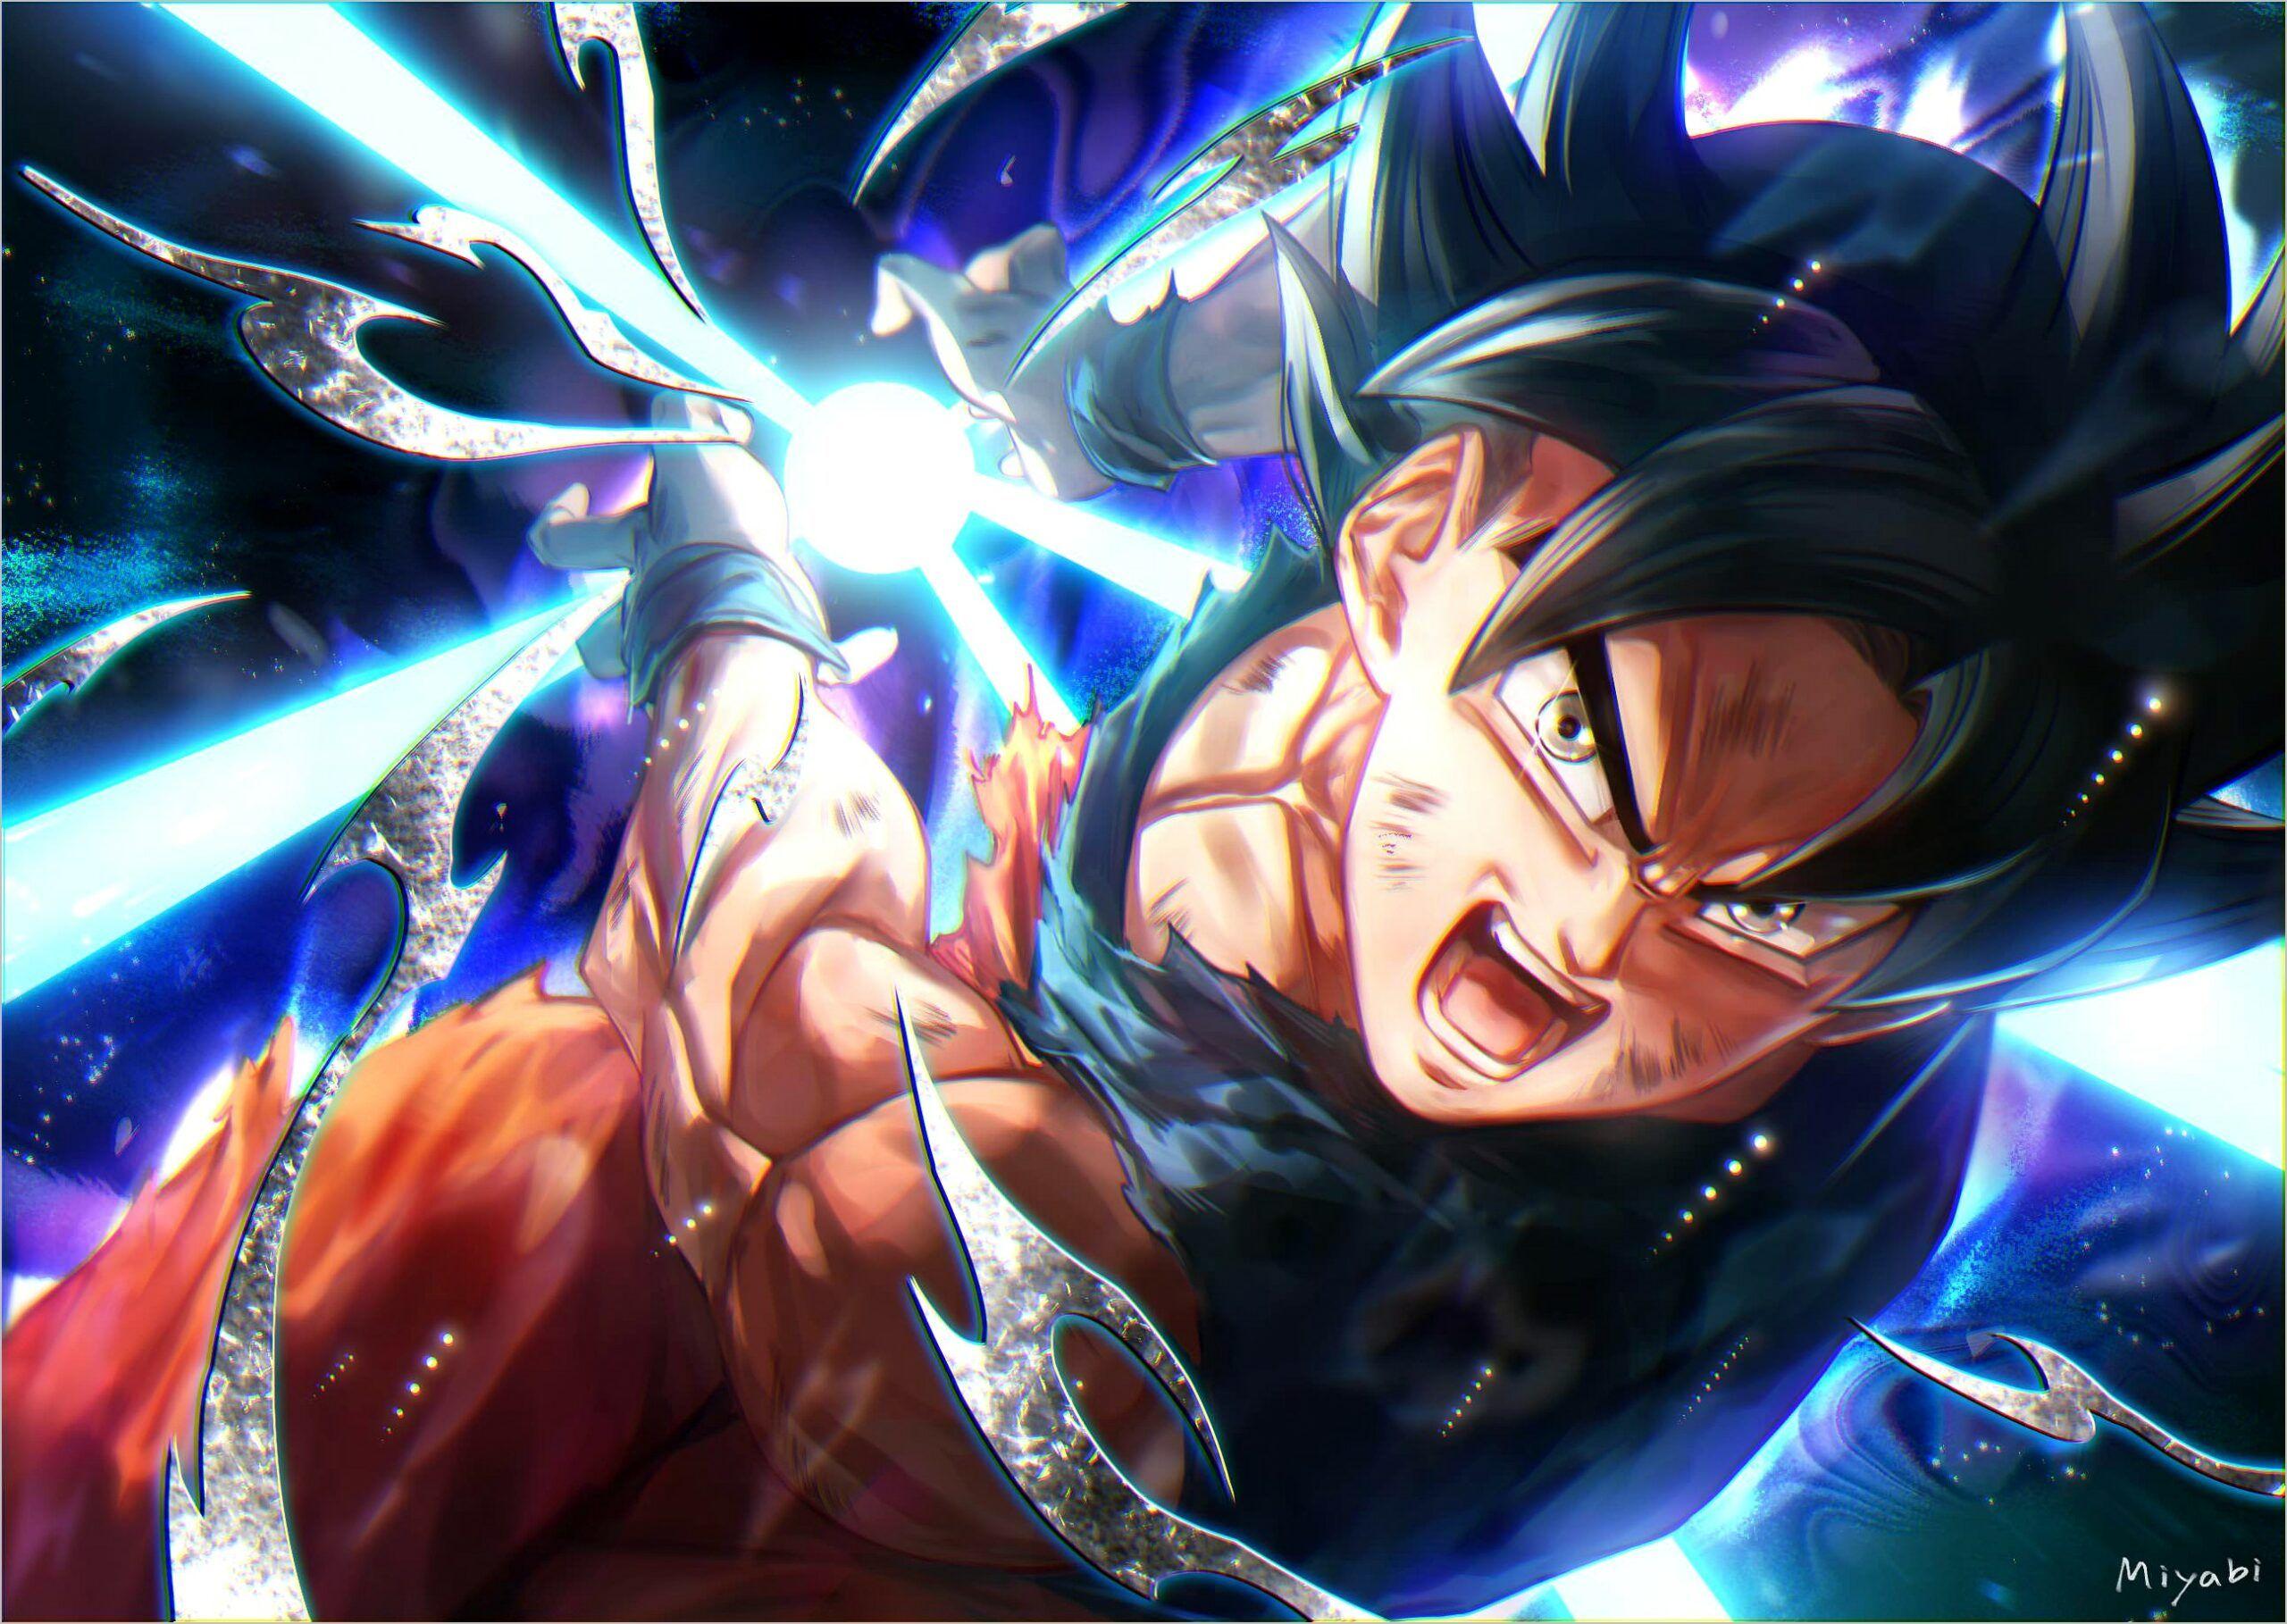 Goku Ultra Instinct Wallpaper 4k Gif Fondo De Pantalla De Anime 1366x768 Wallpaper Hd Descargar Fondos De Pantalla Para Pc